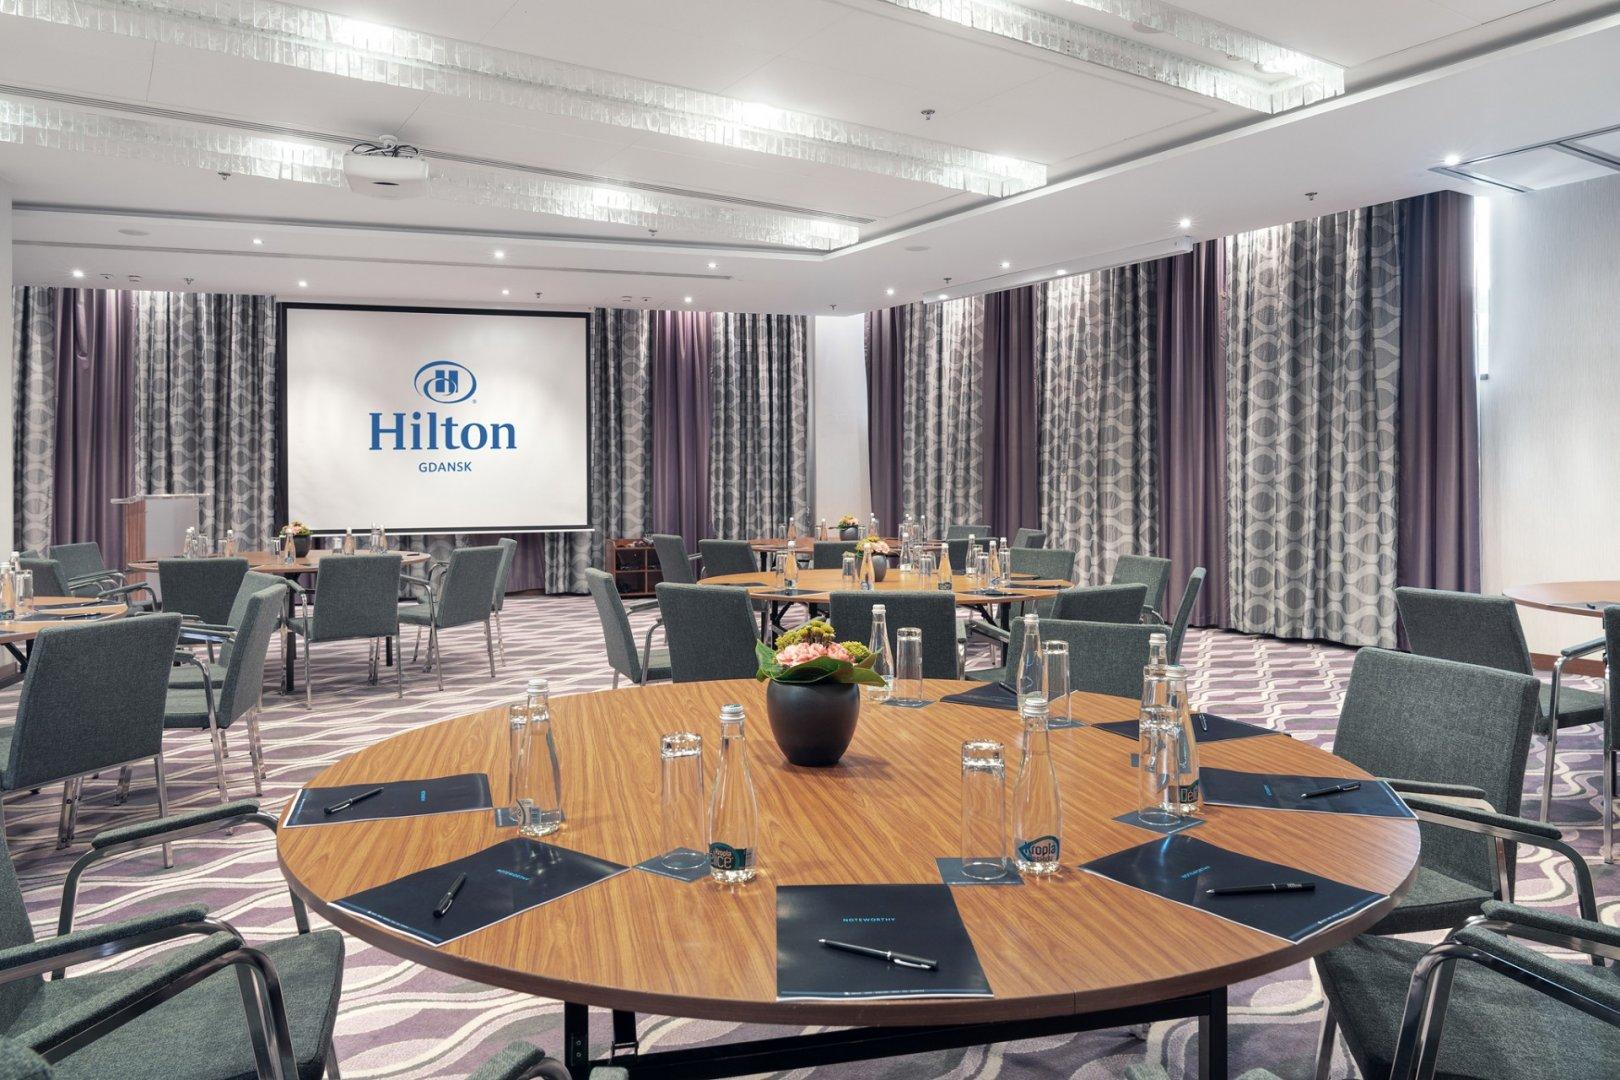 Hilton Gdańsk Hotel